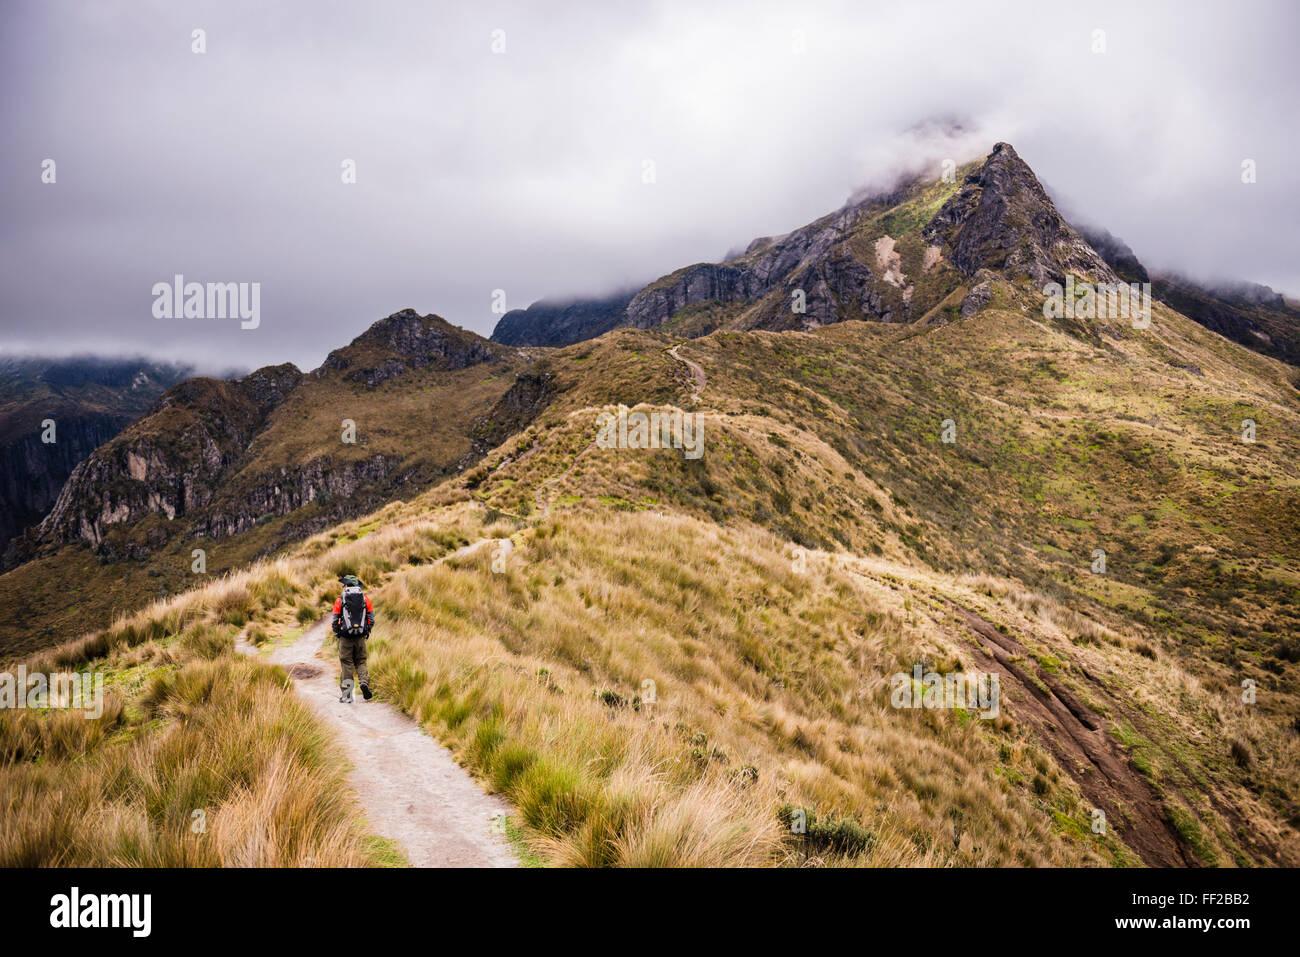 VoRMcano Rucu Pichincha randonnée randonneur, Quito, Pichincha Province, l'Équateur, en Amérique du Sud Banque D'Images